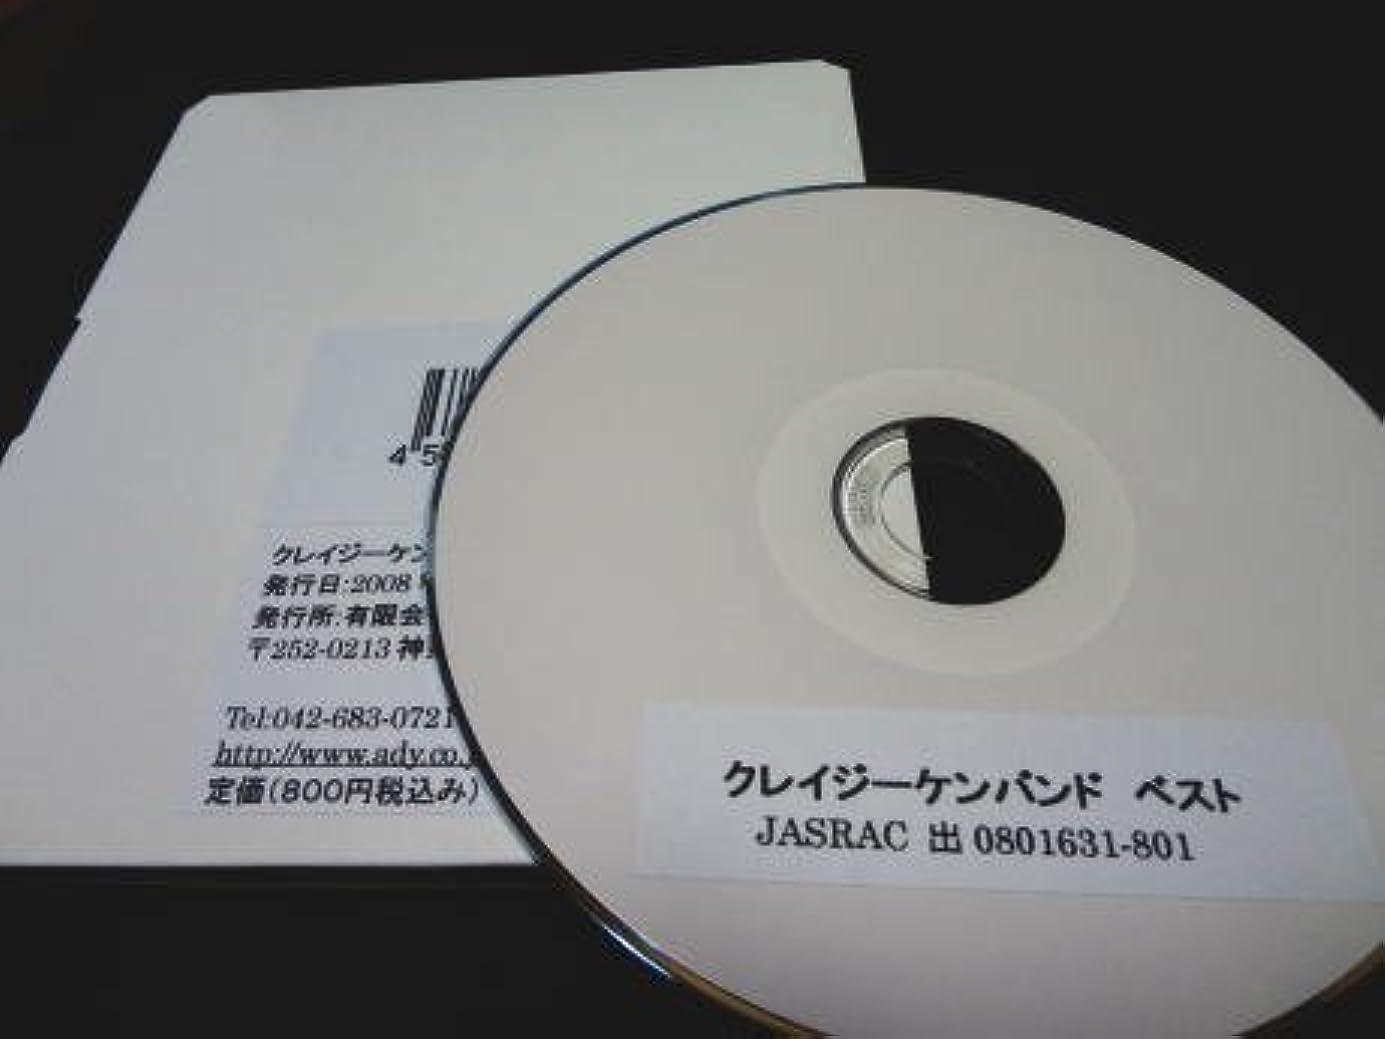 変化レイグループギターコード譜シリーズ(CD-R版)/クレイジーケンバンド ベスト(全66曲収録)